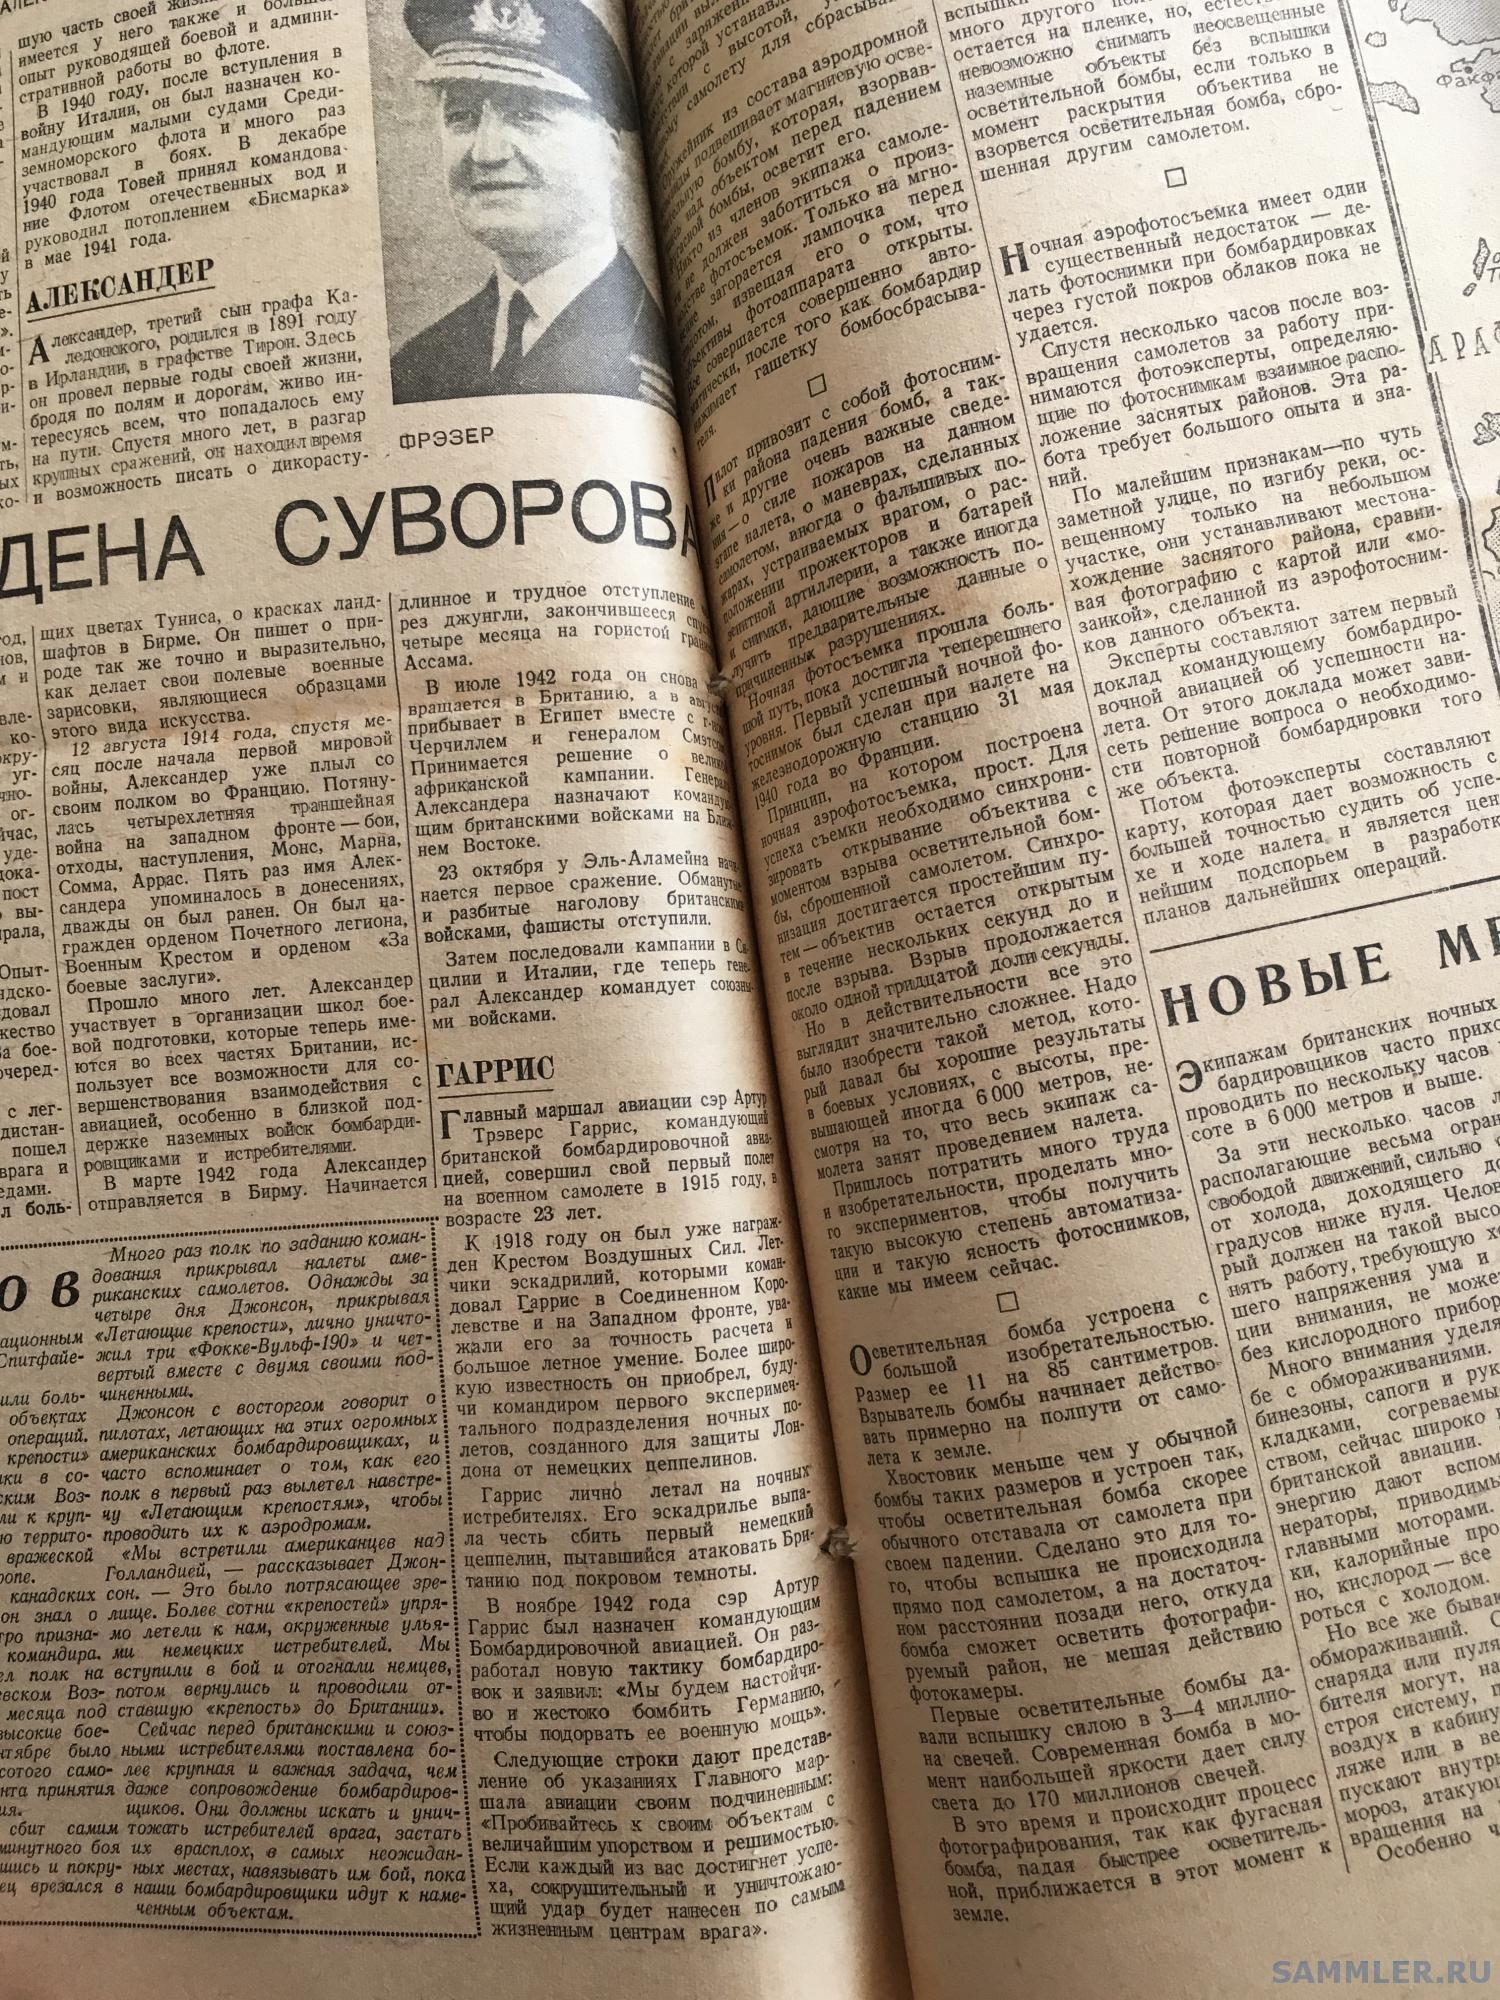 17 Бр союз №11 12 марта 1944 с 2.jpg